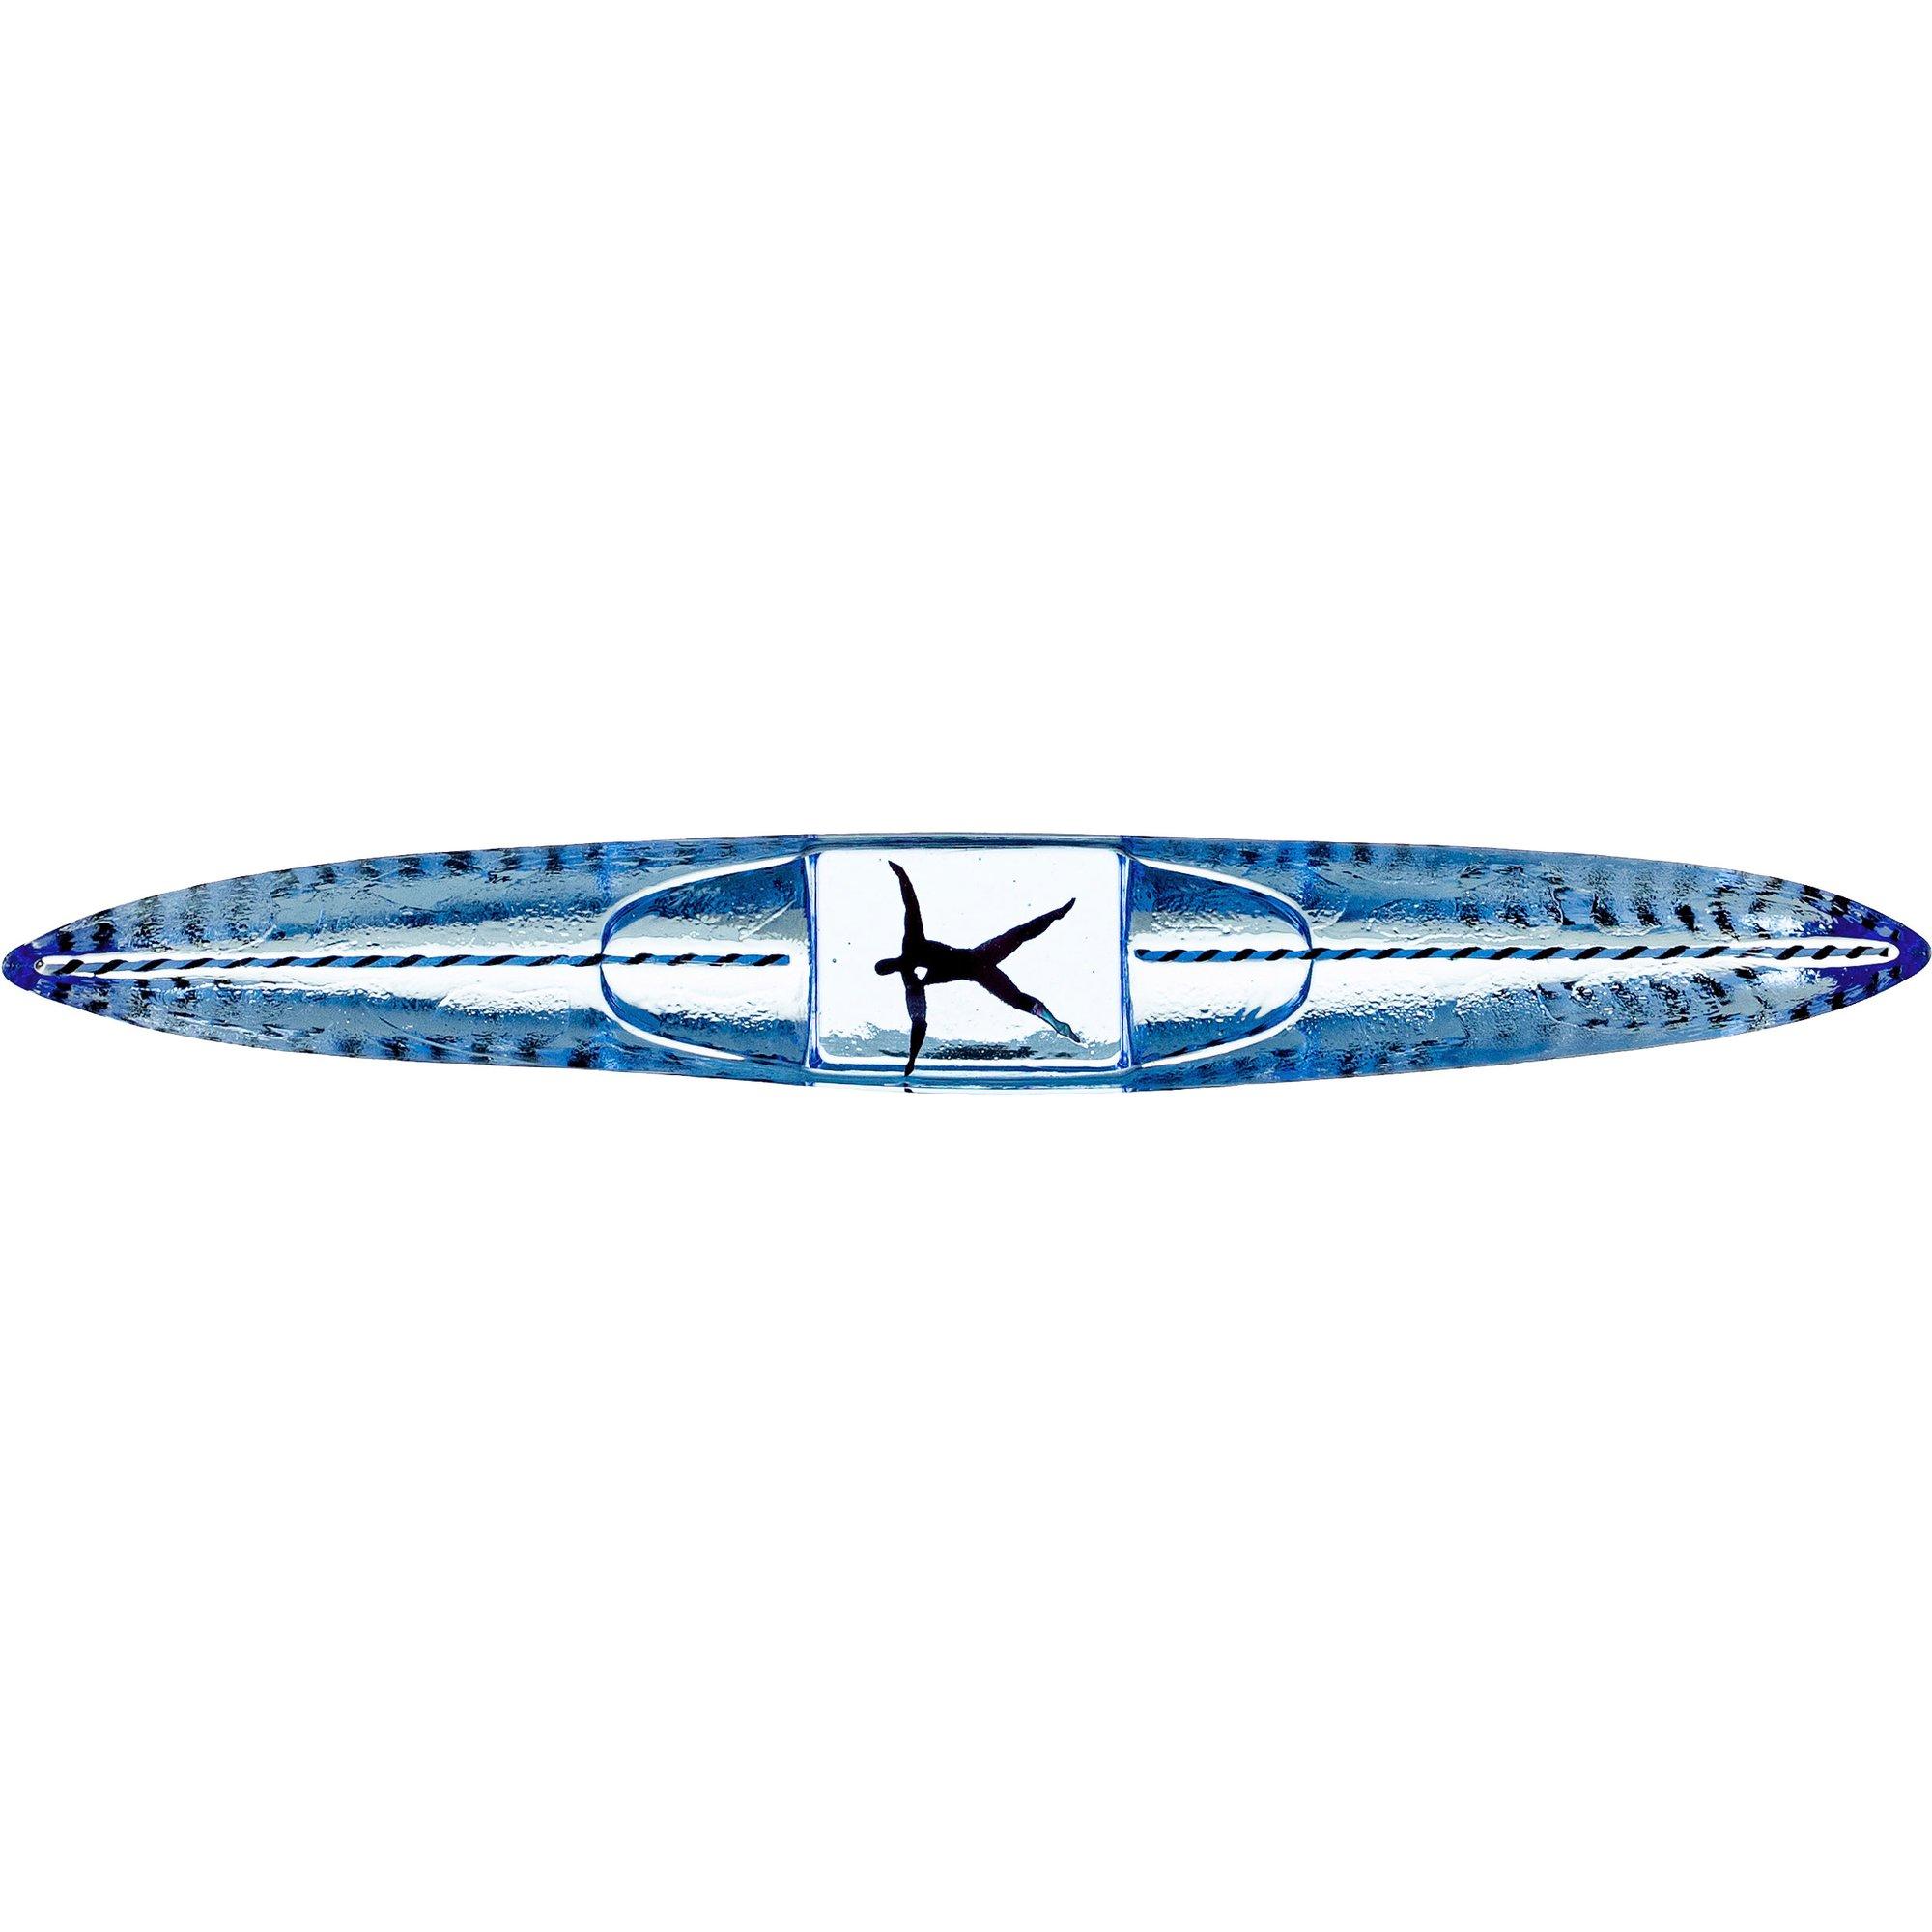 Kosta Boda Boat Drifter Skulptur 28 cm. Blå